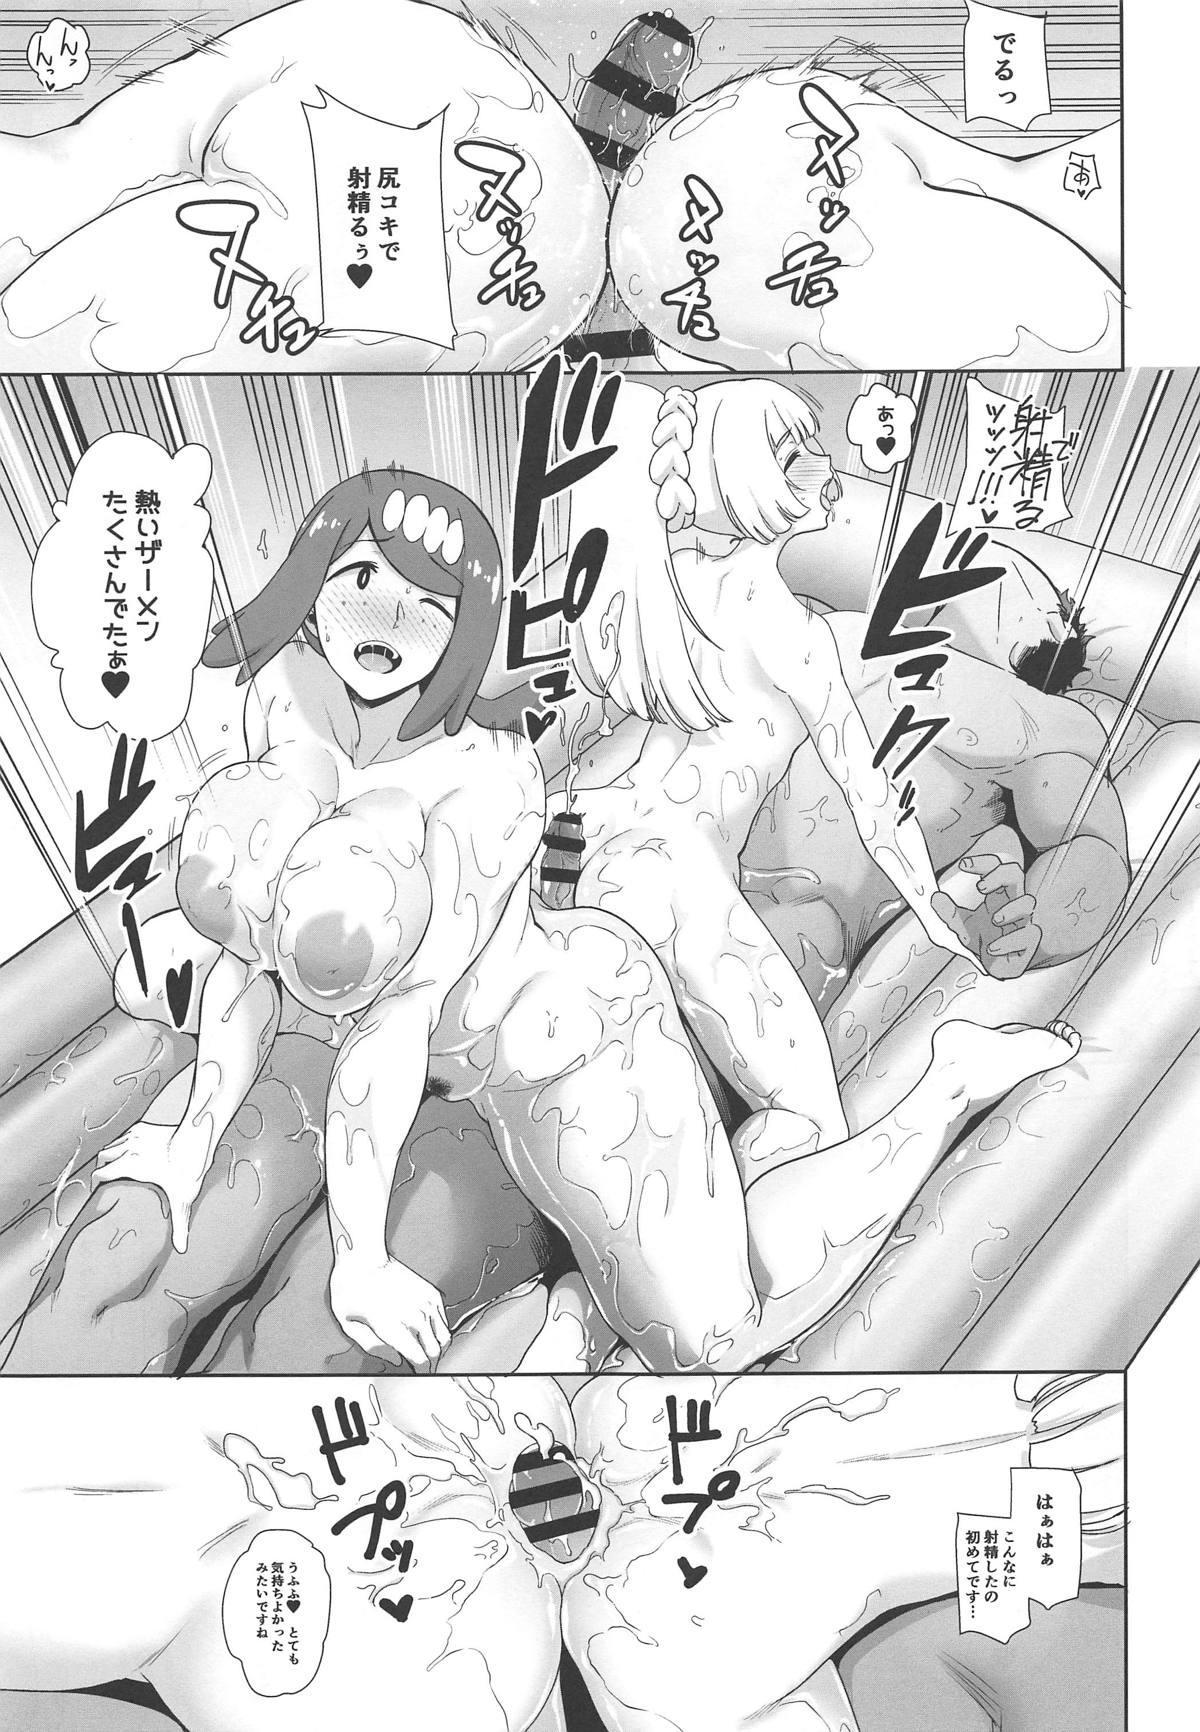 Alola no Yoru no Sugata 4 13